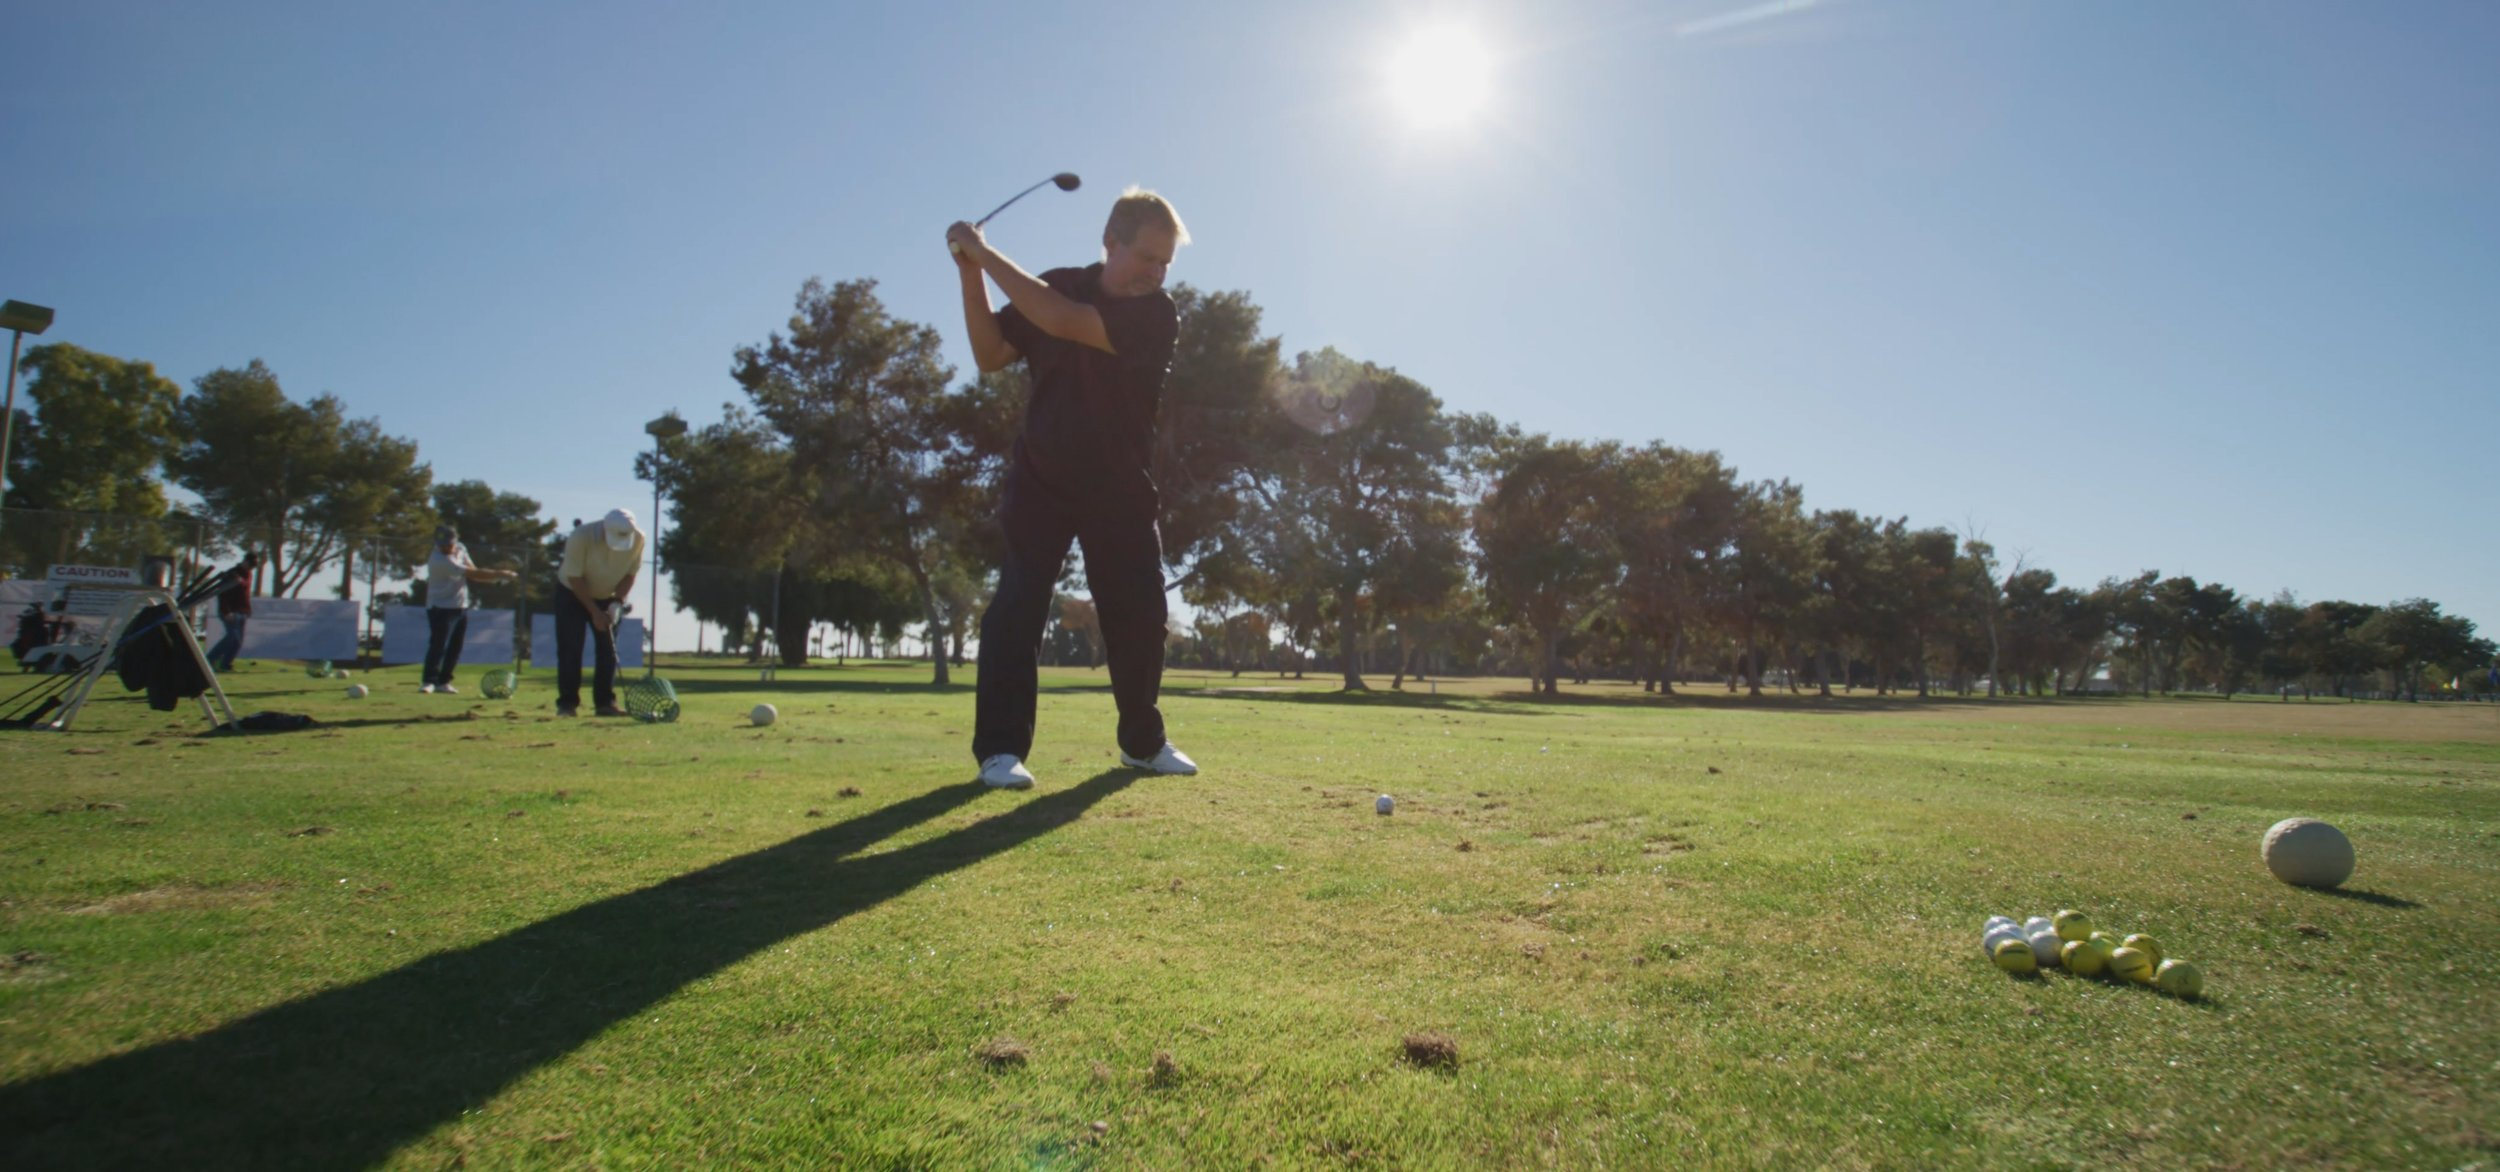 Golf Frames _2.2.4.jpg